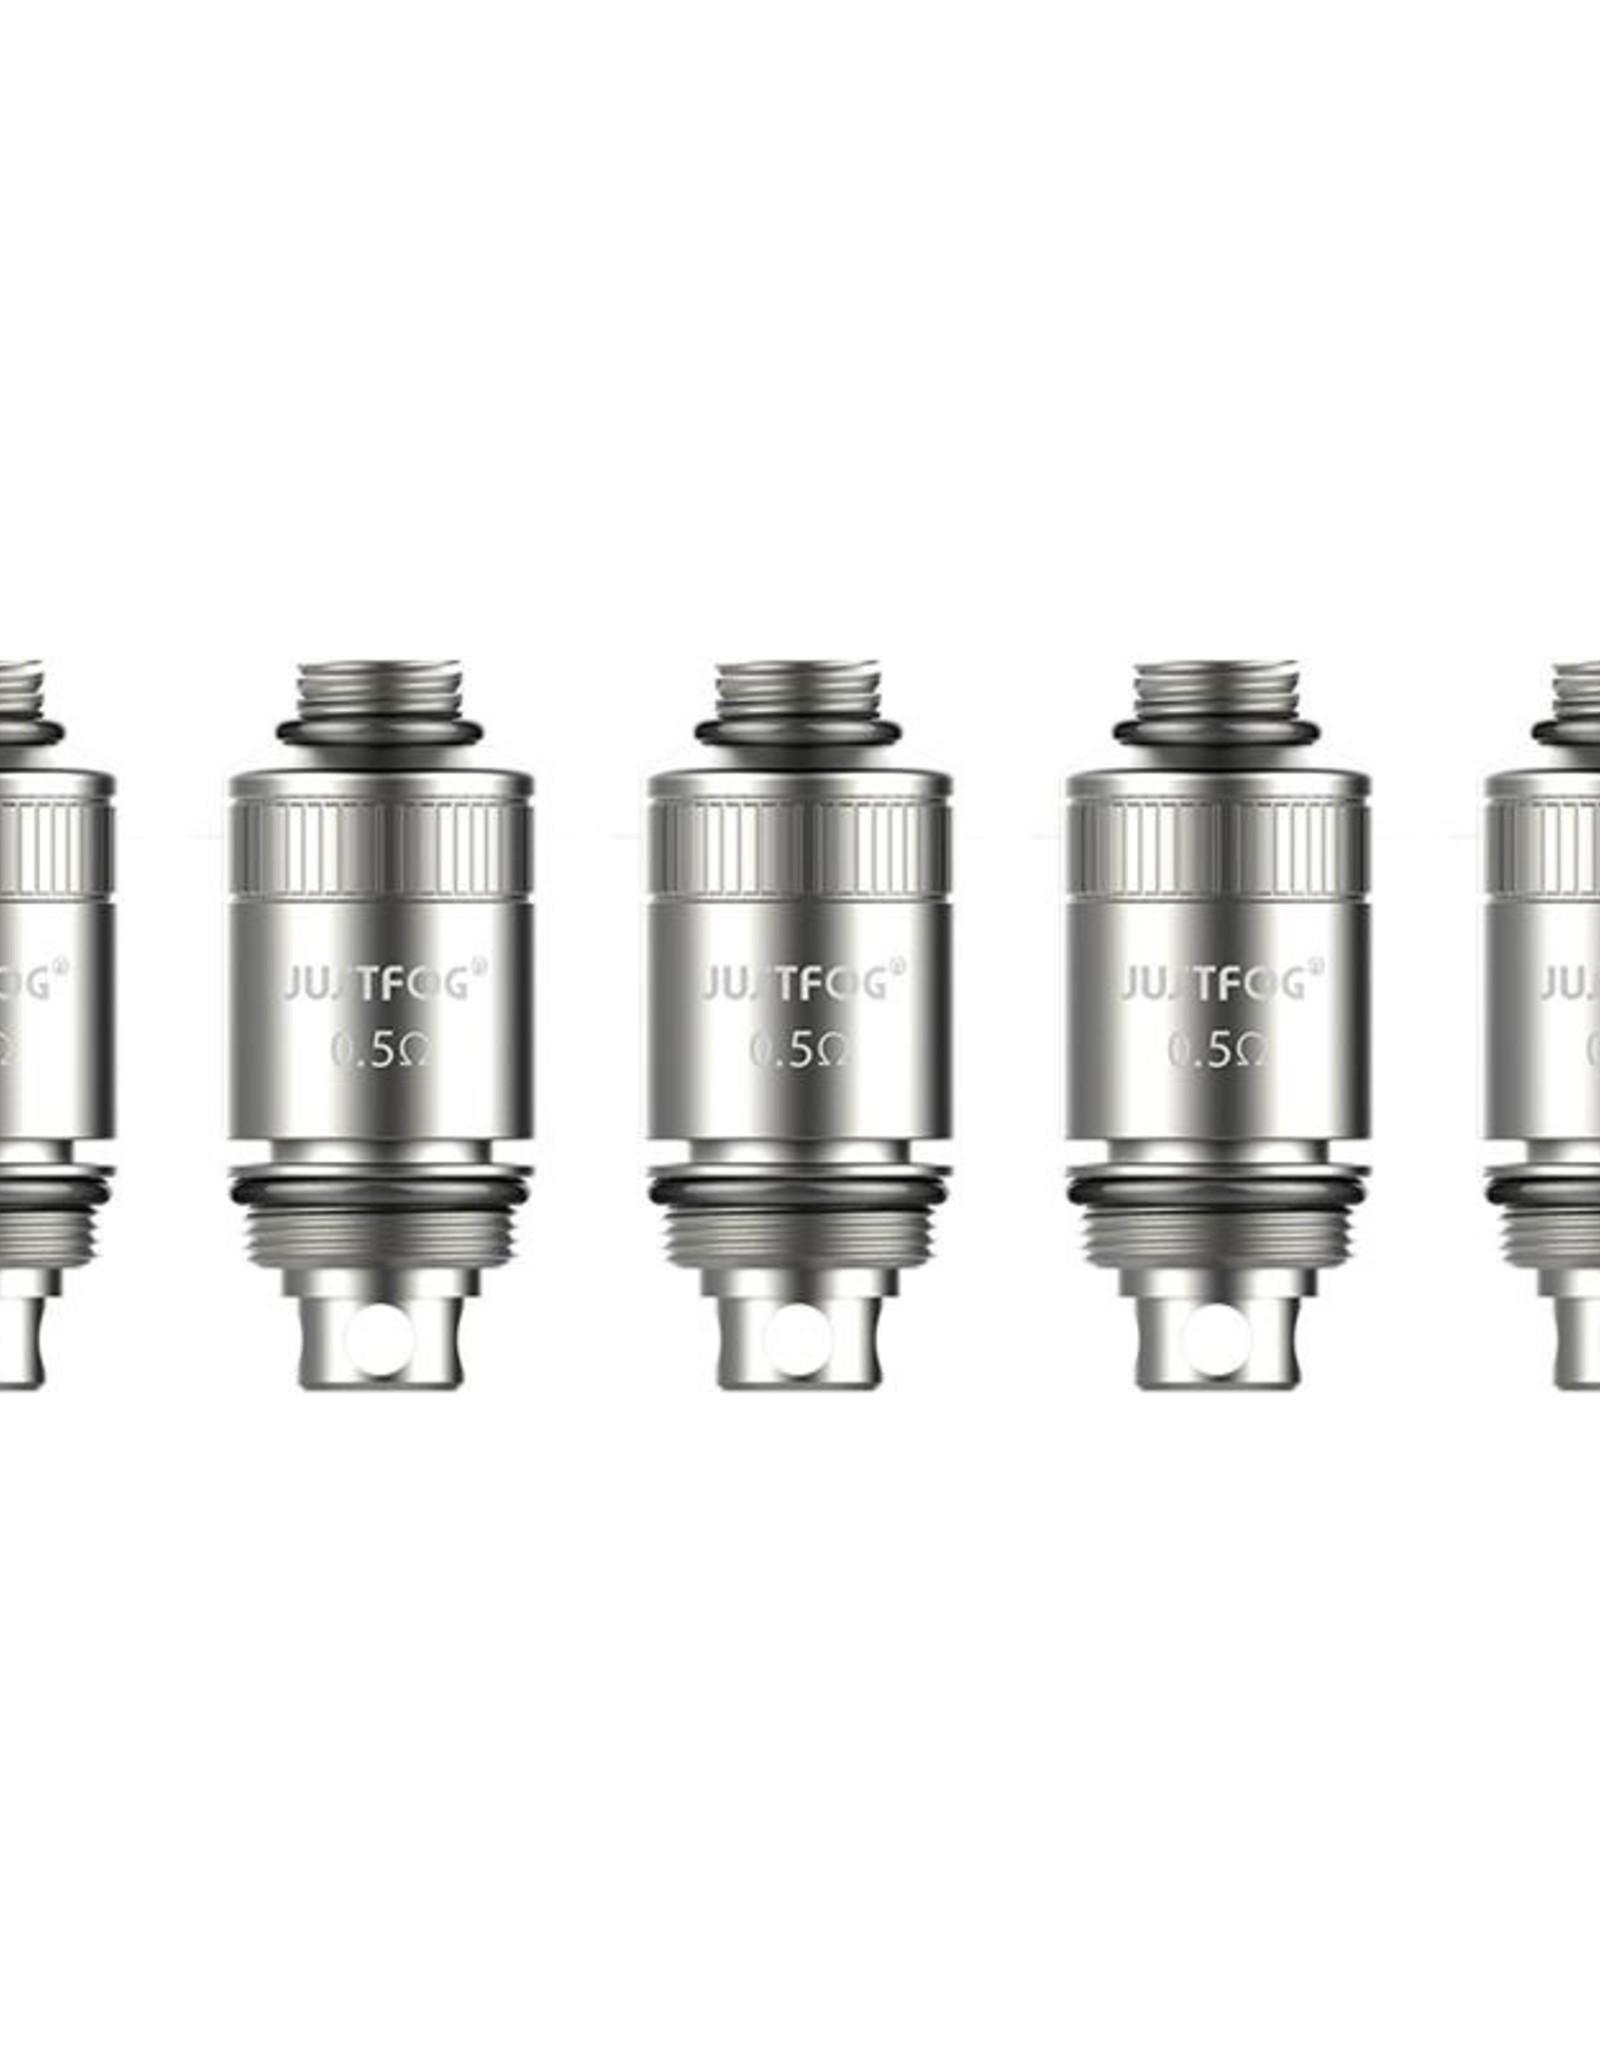 Justfog Justfog Cylinder Coil 0,5 Ohm DL 5 stuks